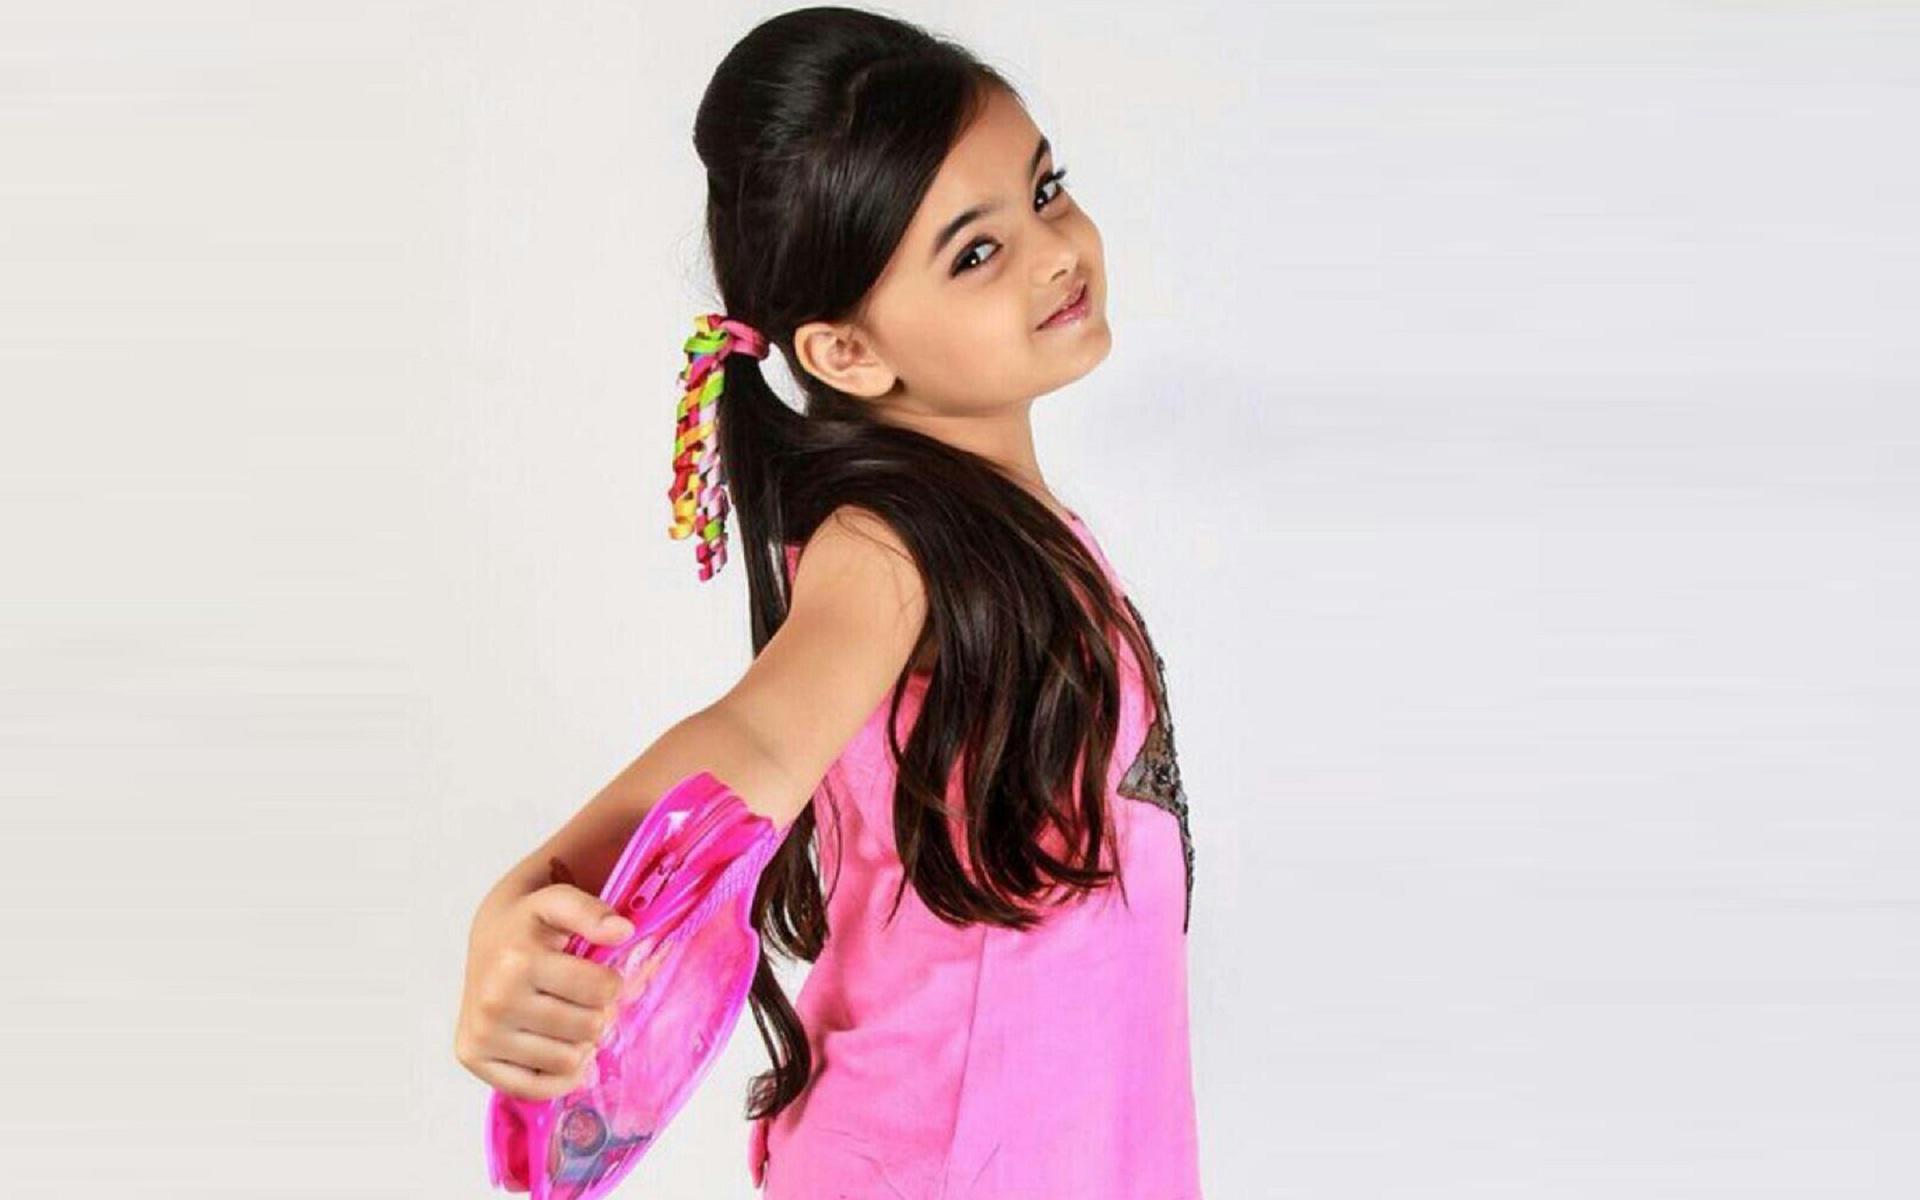 Pretty Queen Little Girl Hd Wallpaper - Little Girl Hd , HD Wallpaper & Backgrounds